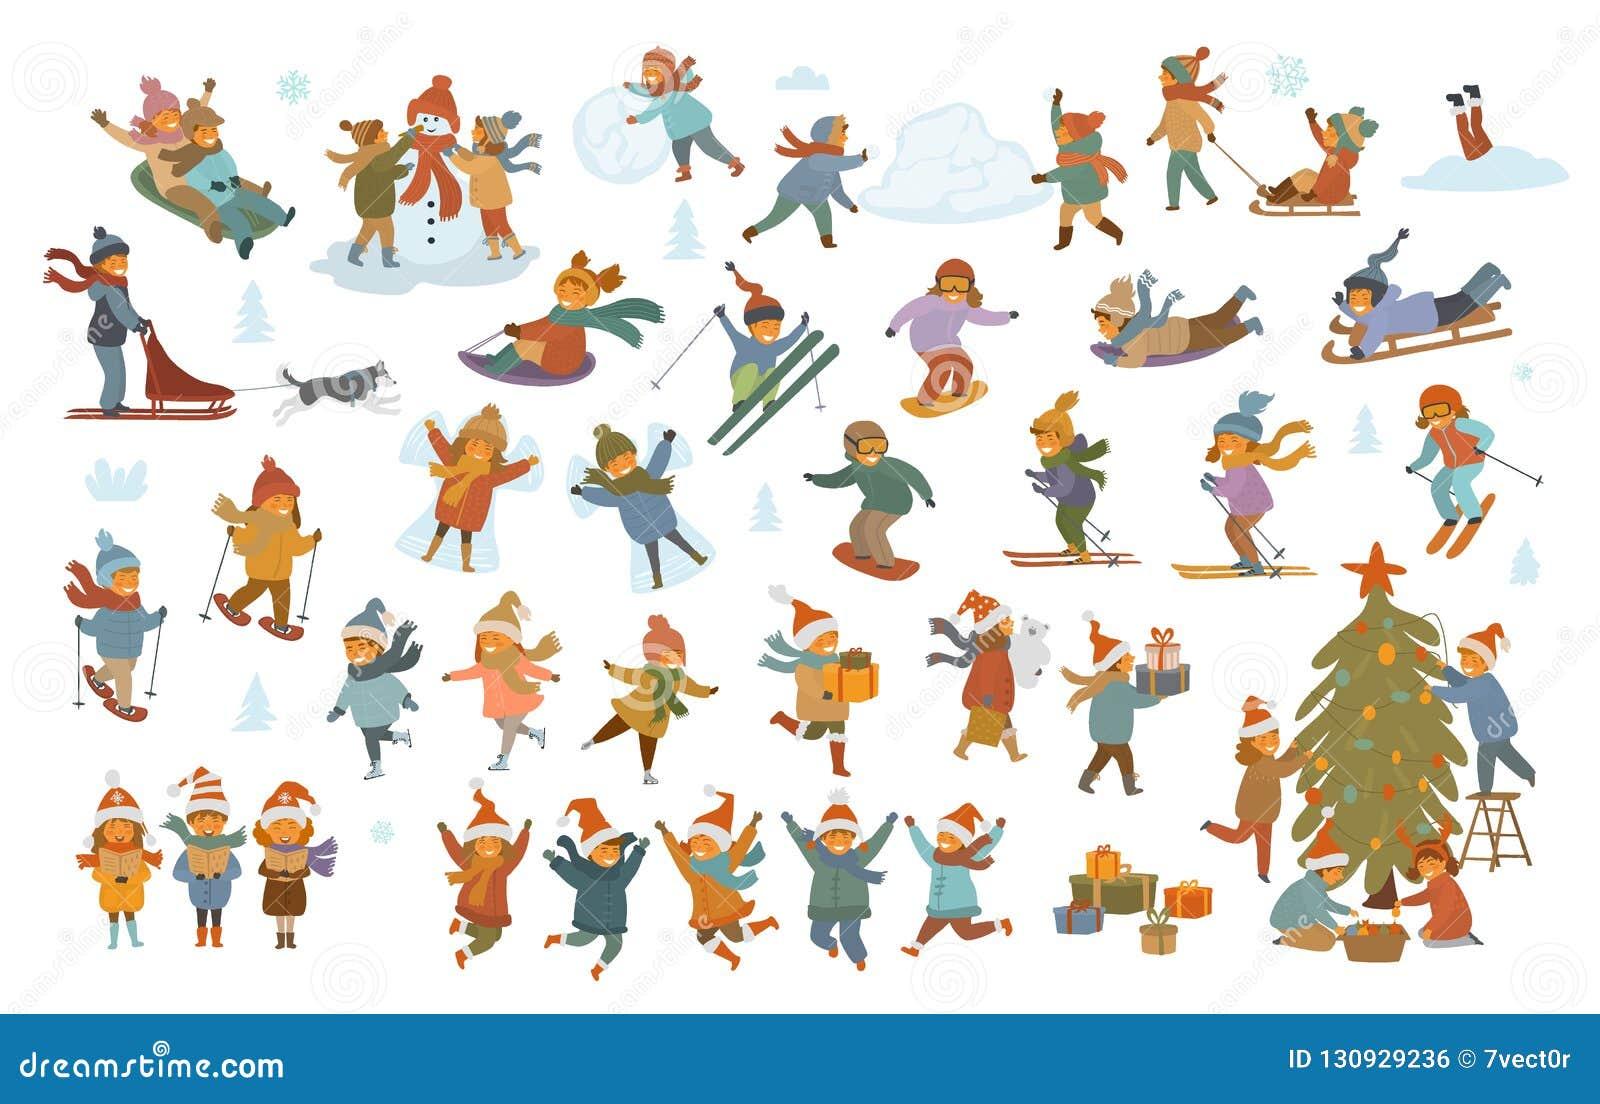 Niños del invierno activo y de la Feliz Navidad, muchacho y muchachas haciendo el ángel de la nieve del muñeco de nieve, juego, s